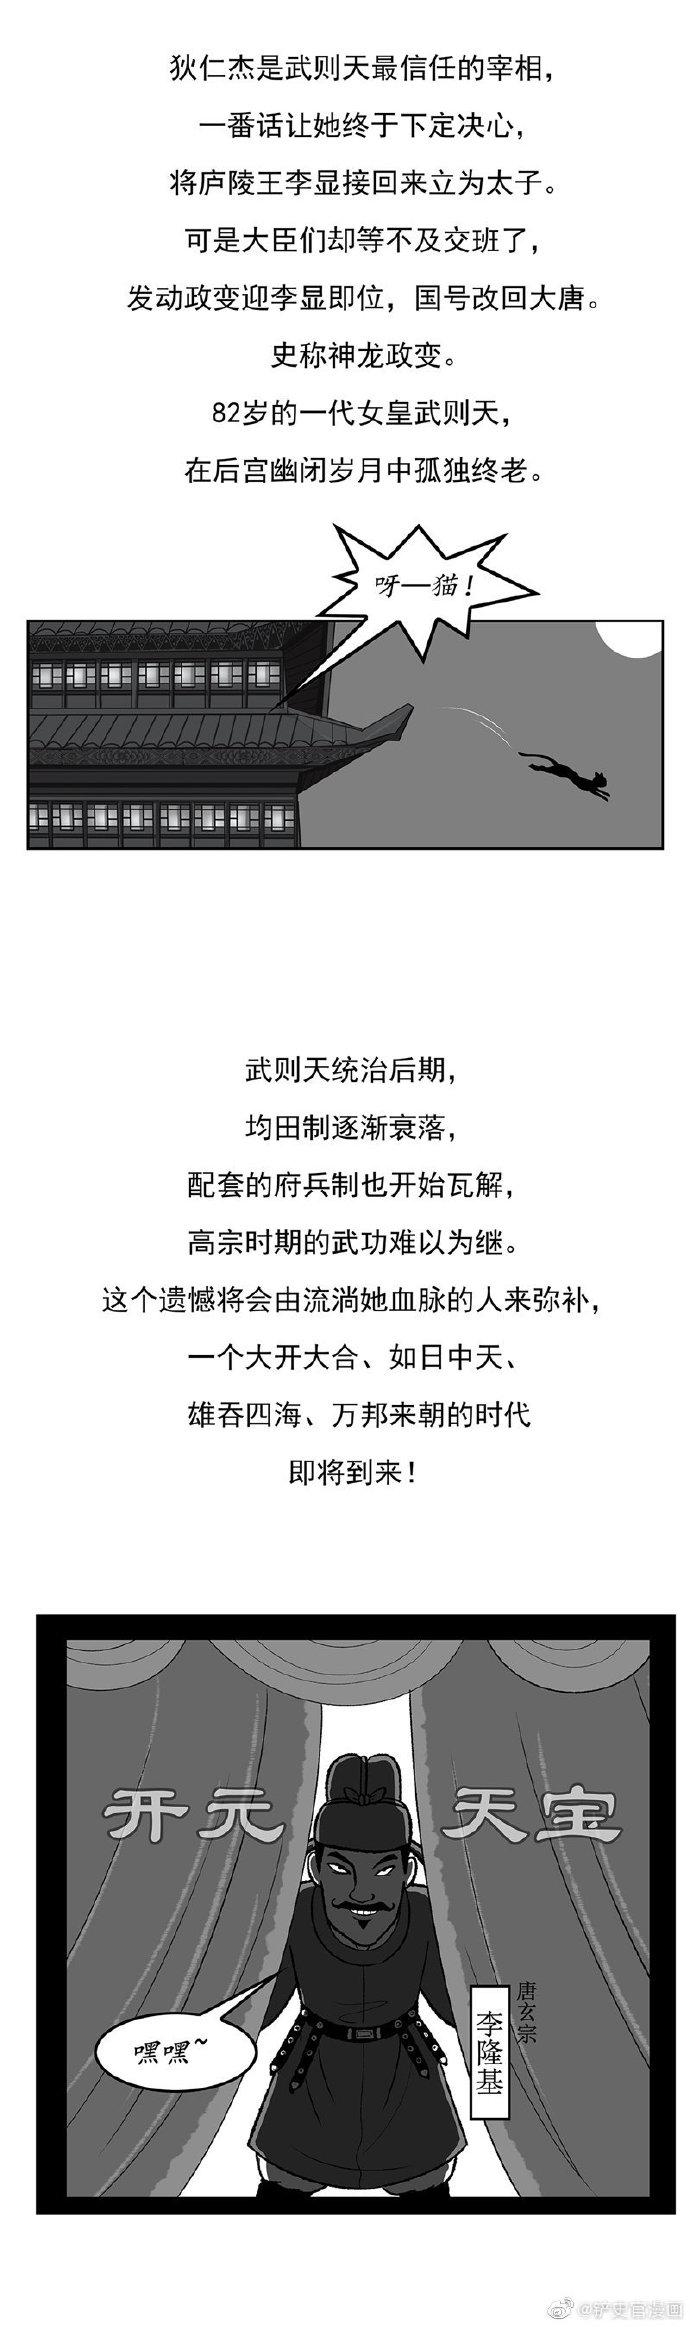 唐朝|武则天为何能成为一代女皇?